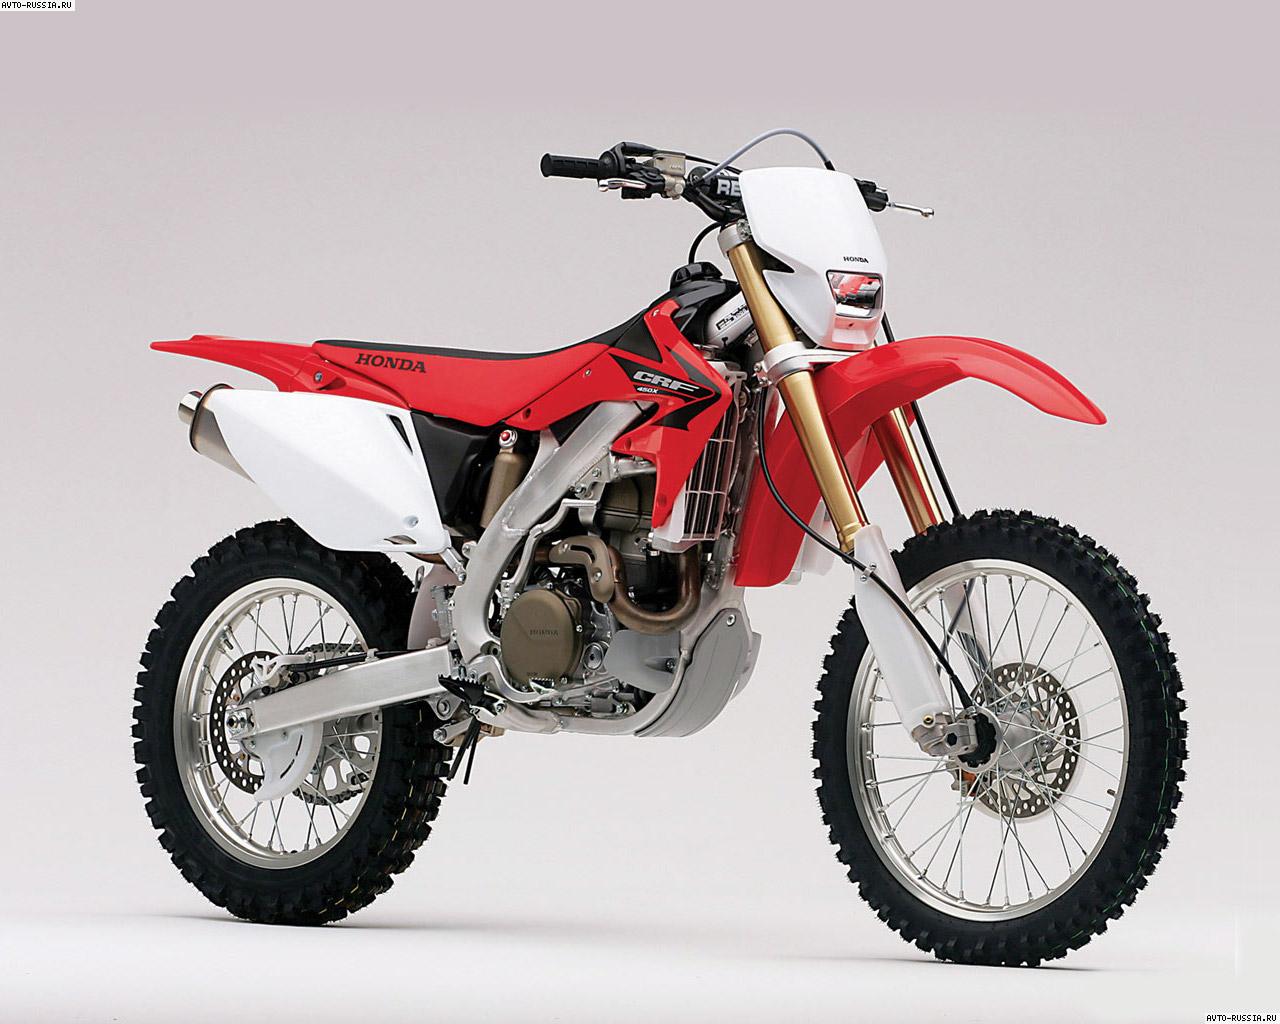 Купить мотоцикл в Екатеринбурге новый или б.у доставка в ...